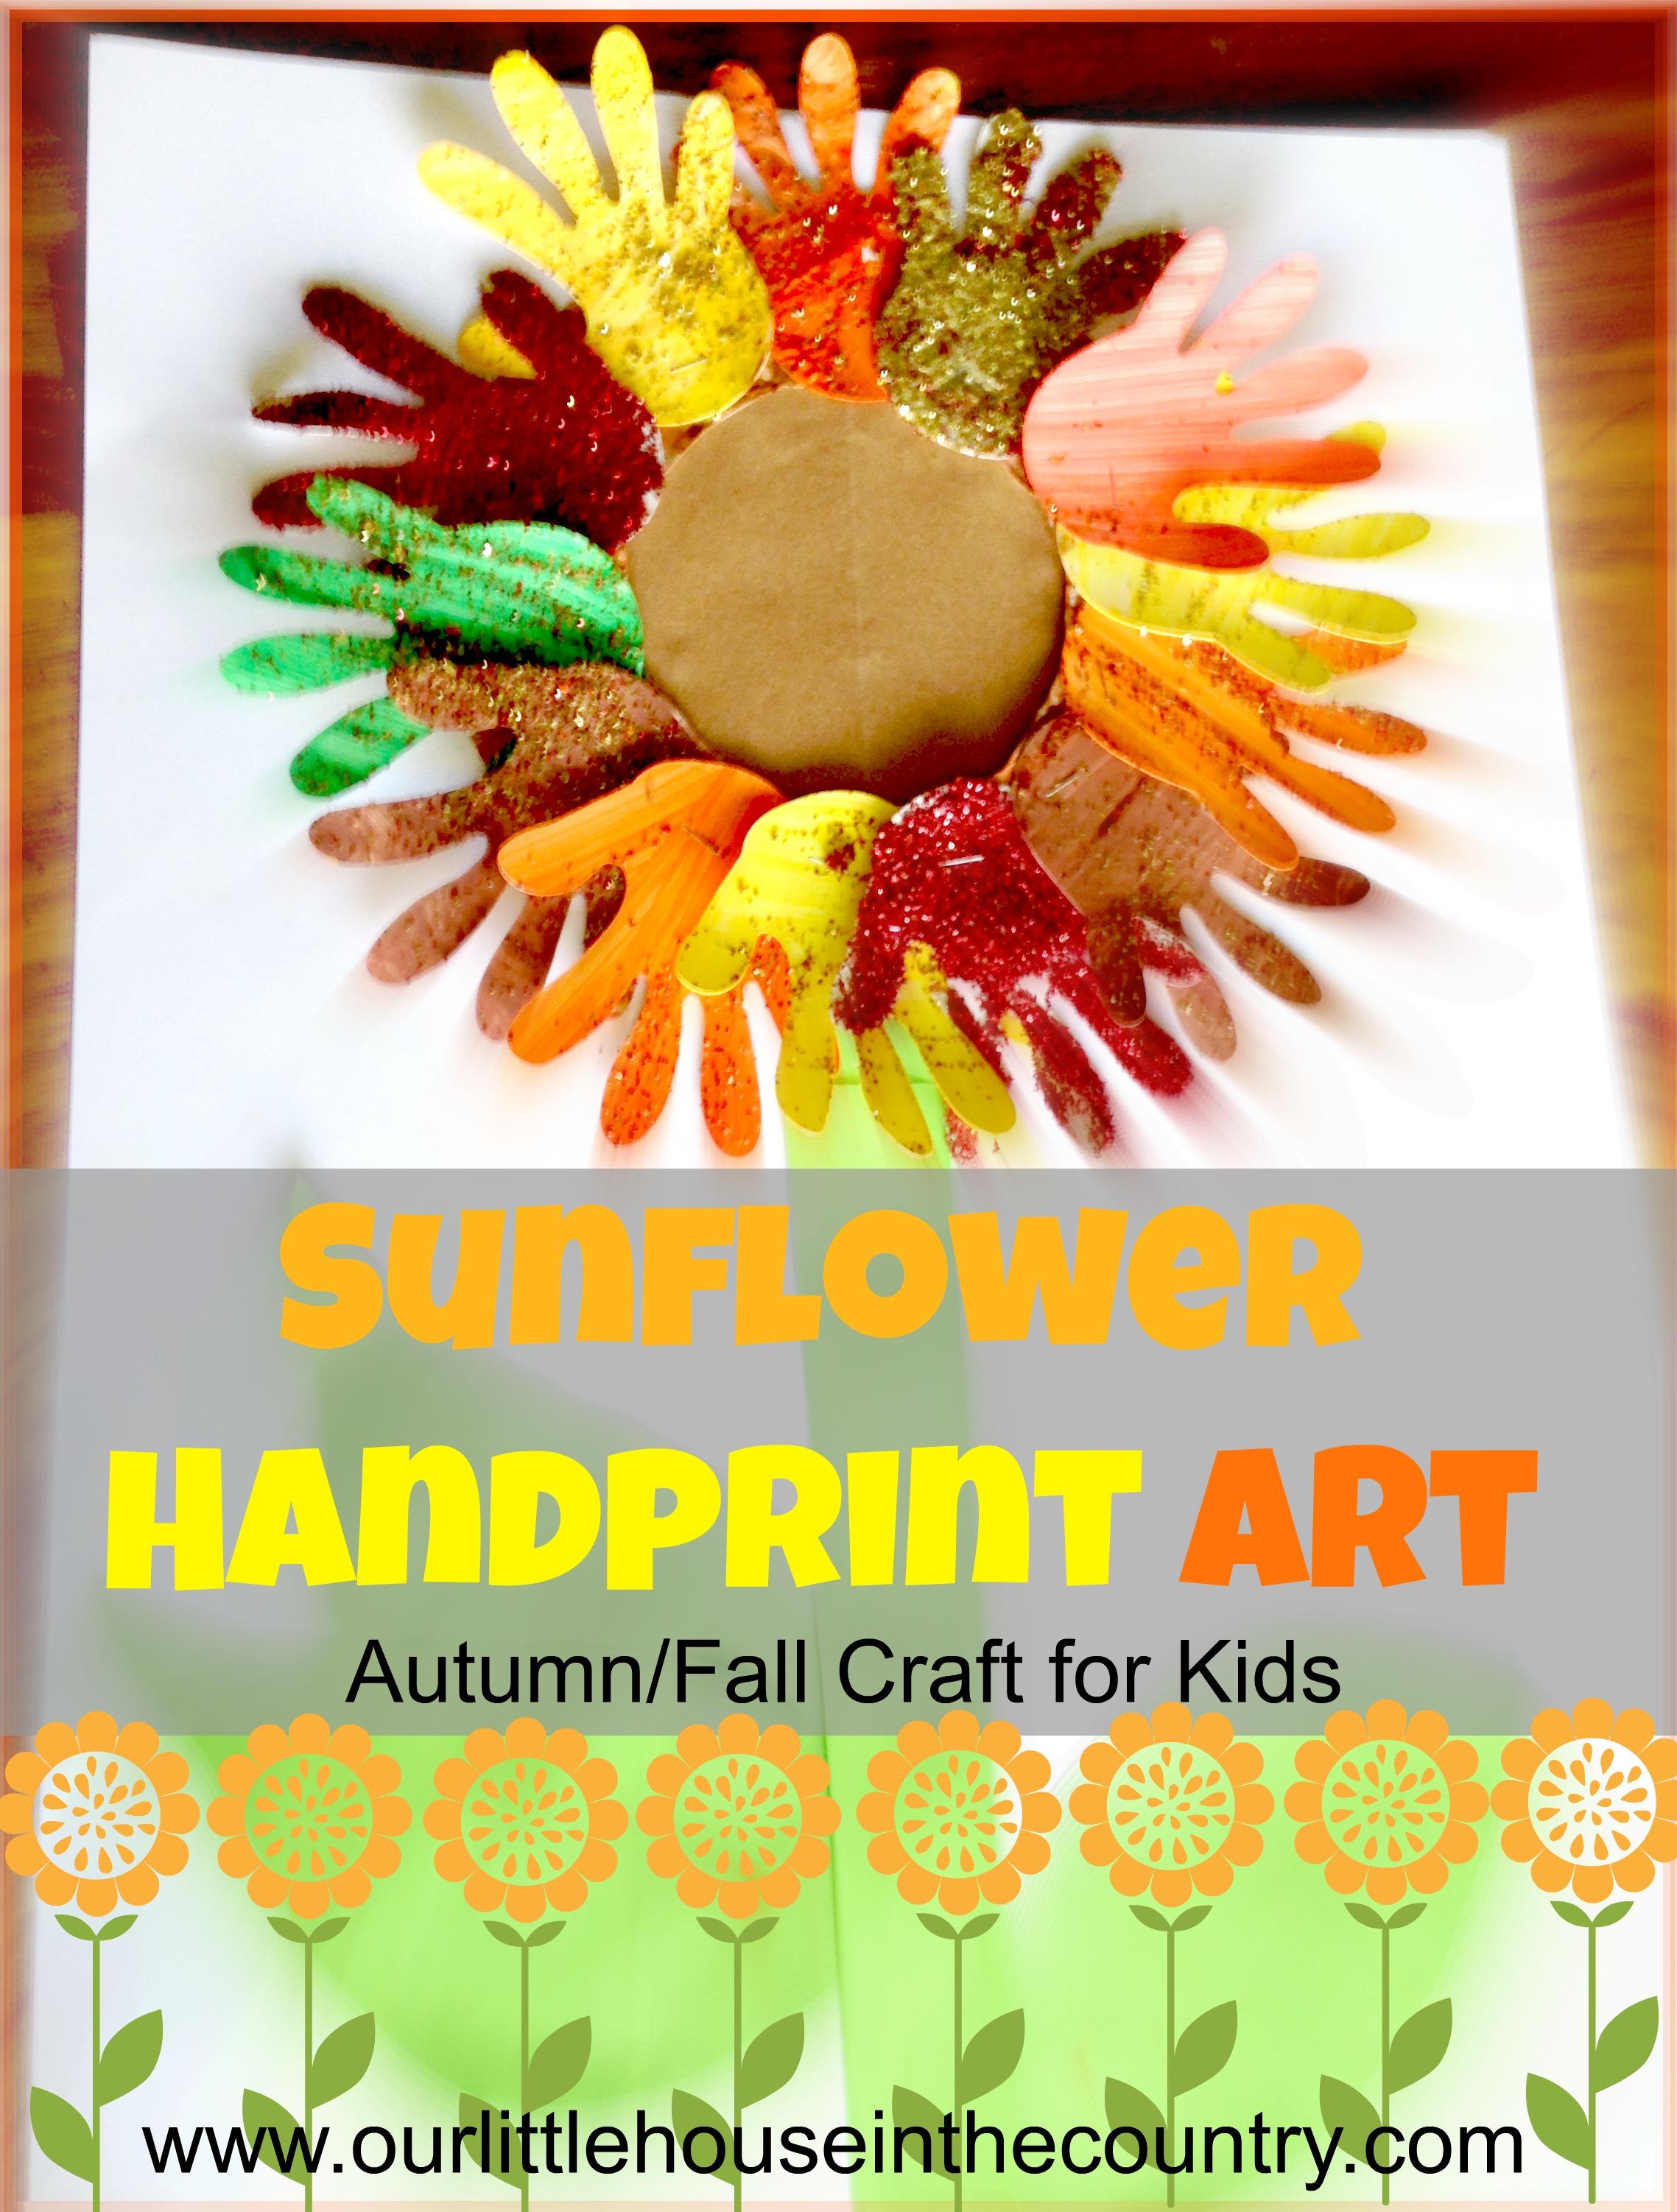 Sunflower Handprint Art 2 Autumn Fall Art Activities For Kids